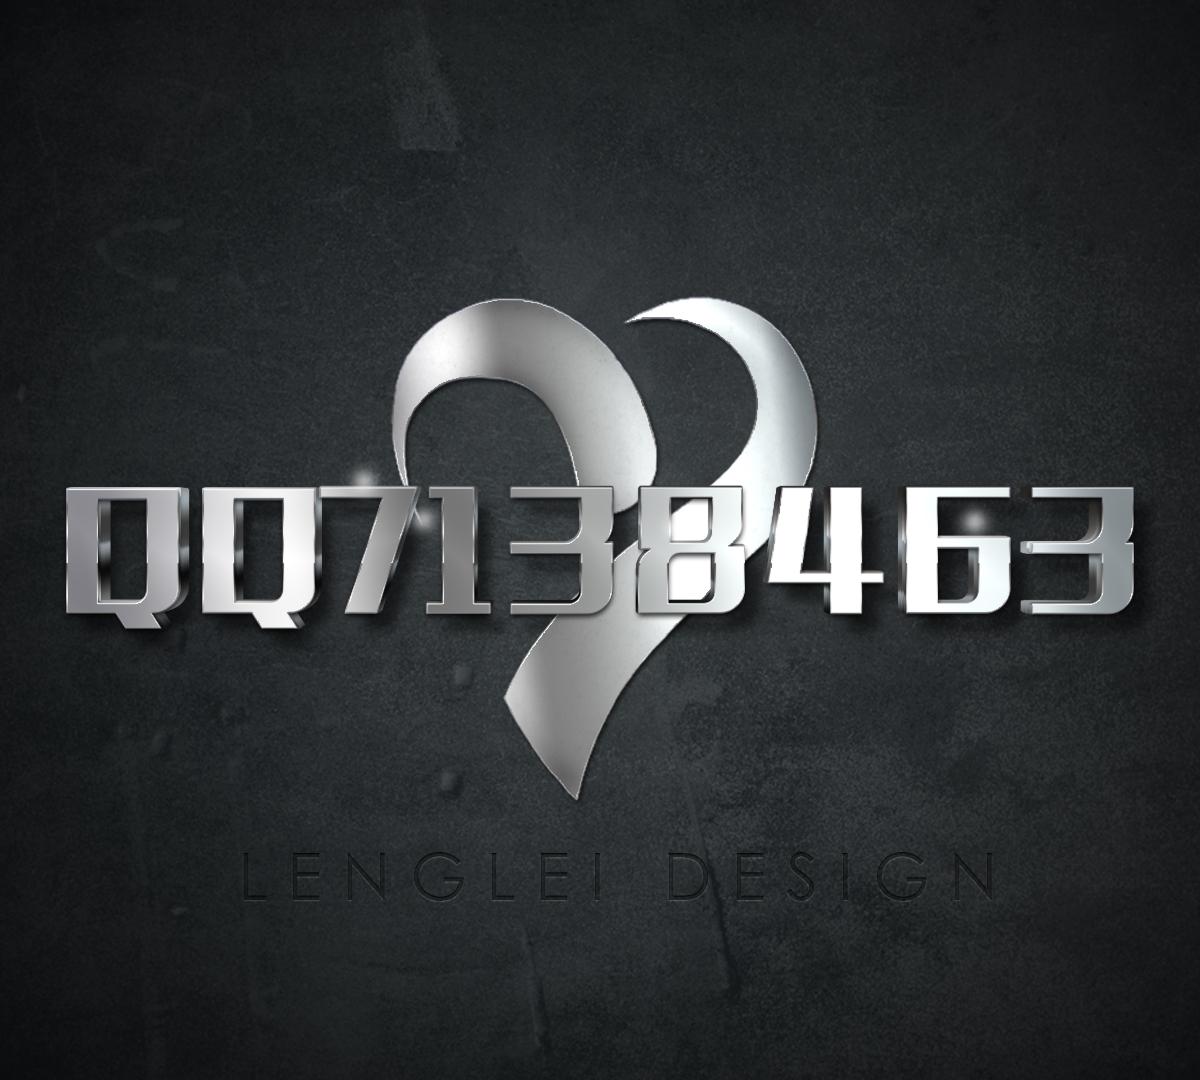 创意金属字体设计 智能图层一键替换可做资料卡背景_From:冷类技术网-冷类qq7138463-www.lljsw.com